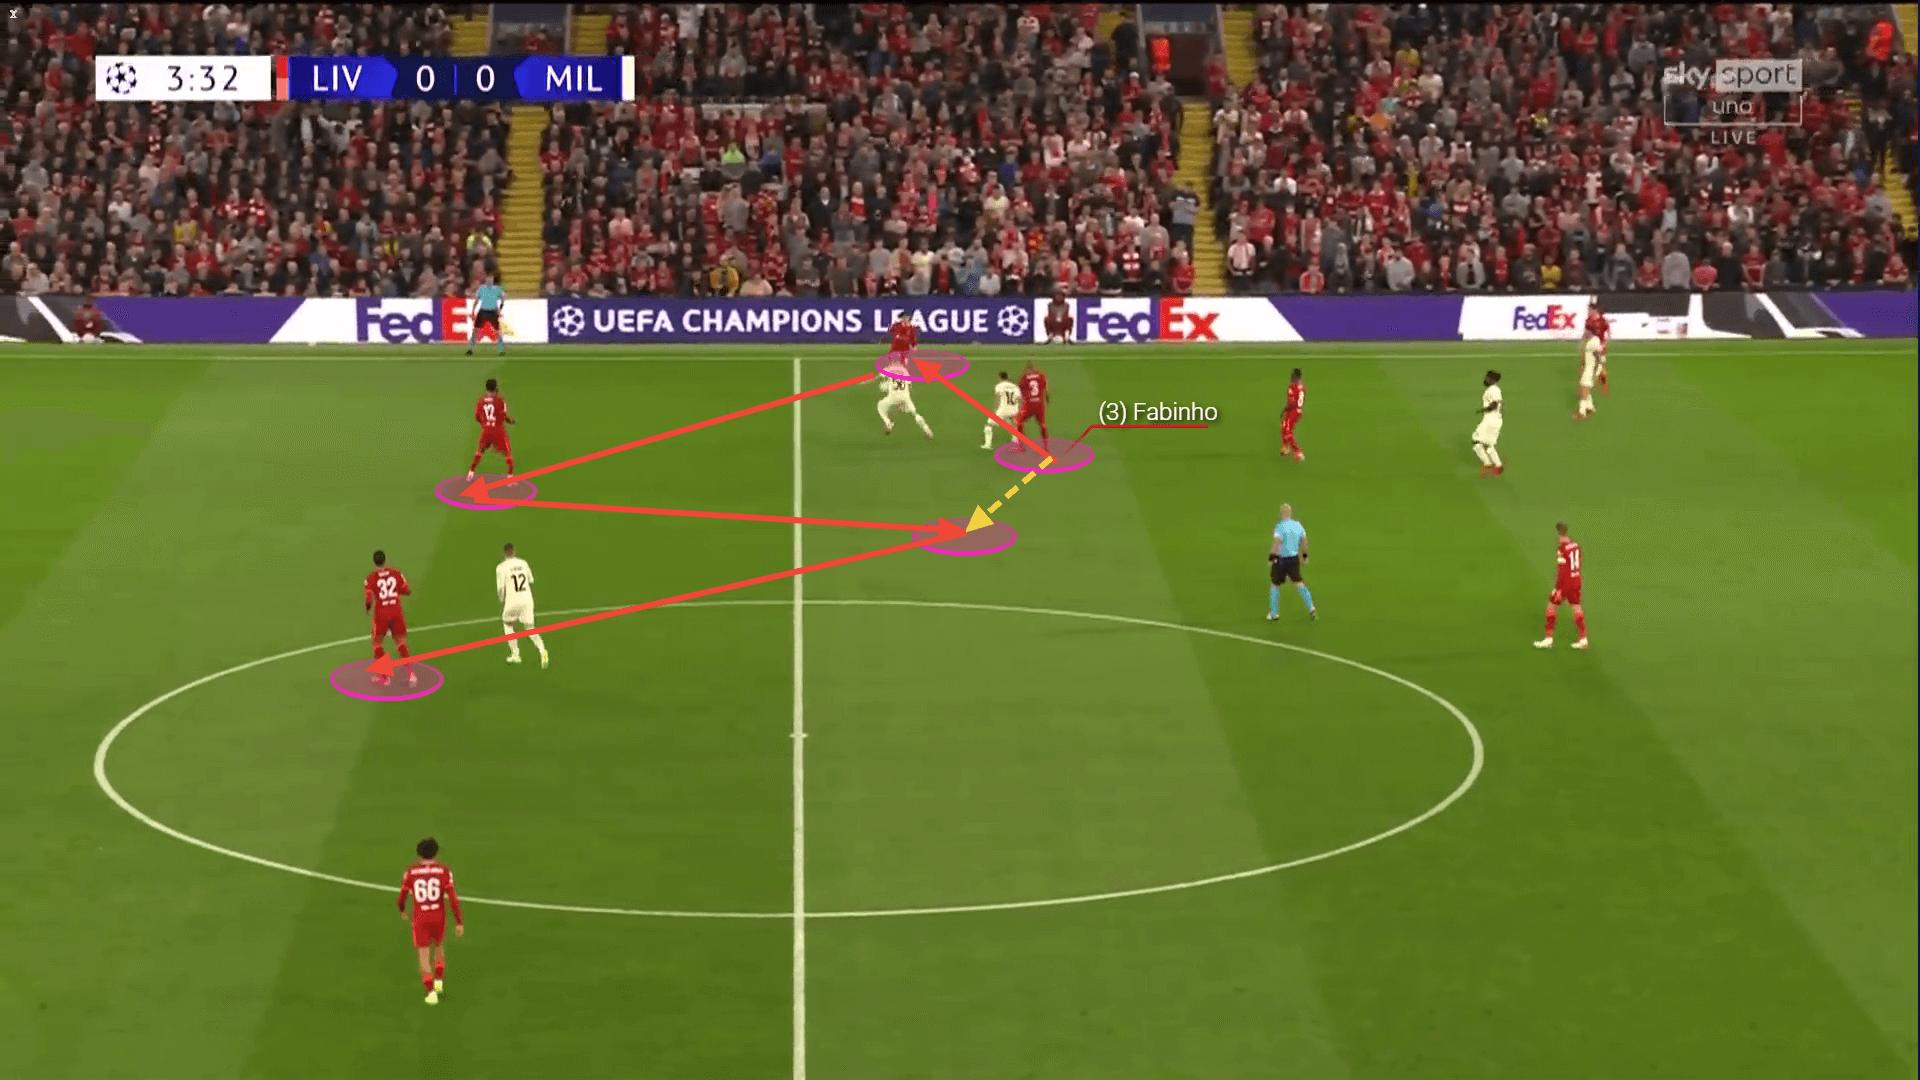 Champions League 2021/22: Milan vs Liverpool - tactical analysis tactics